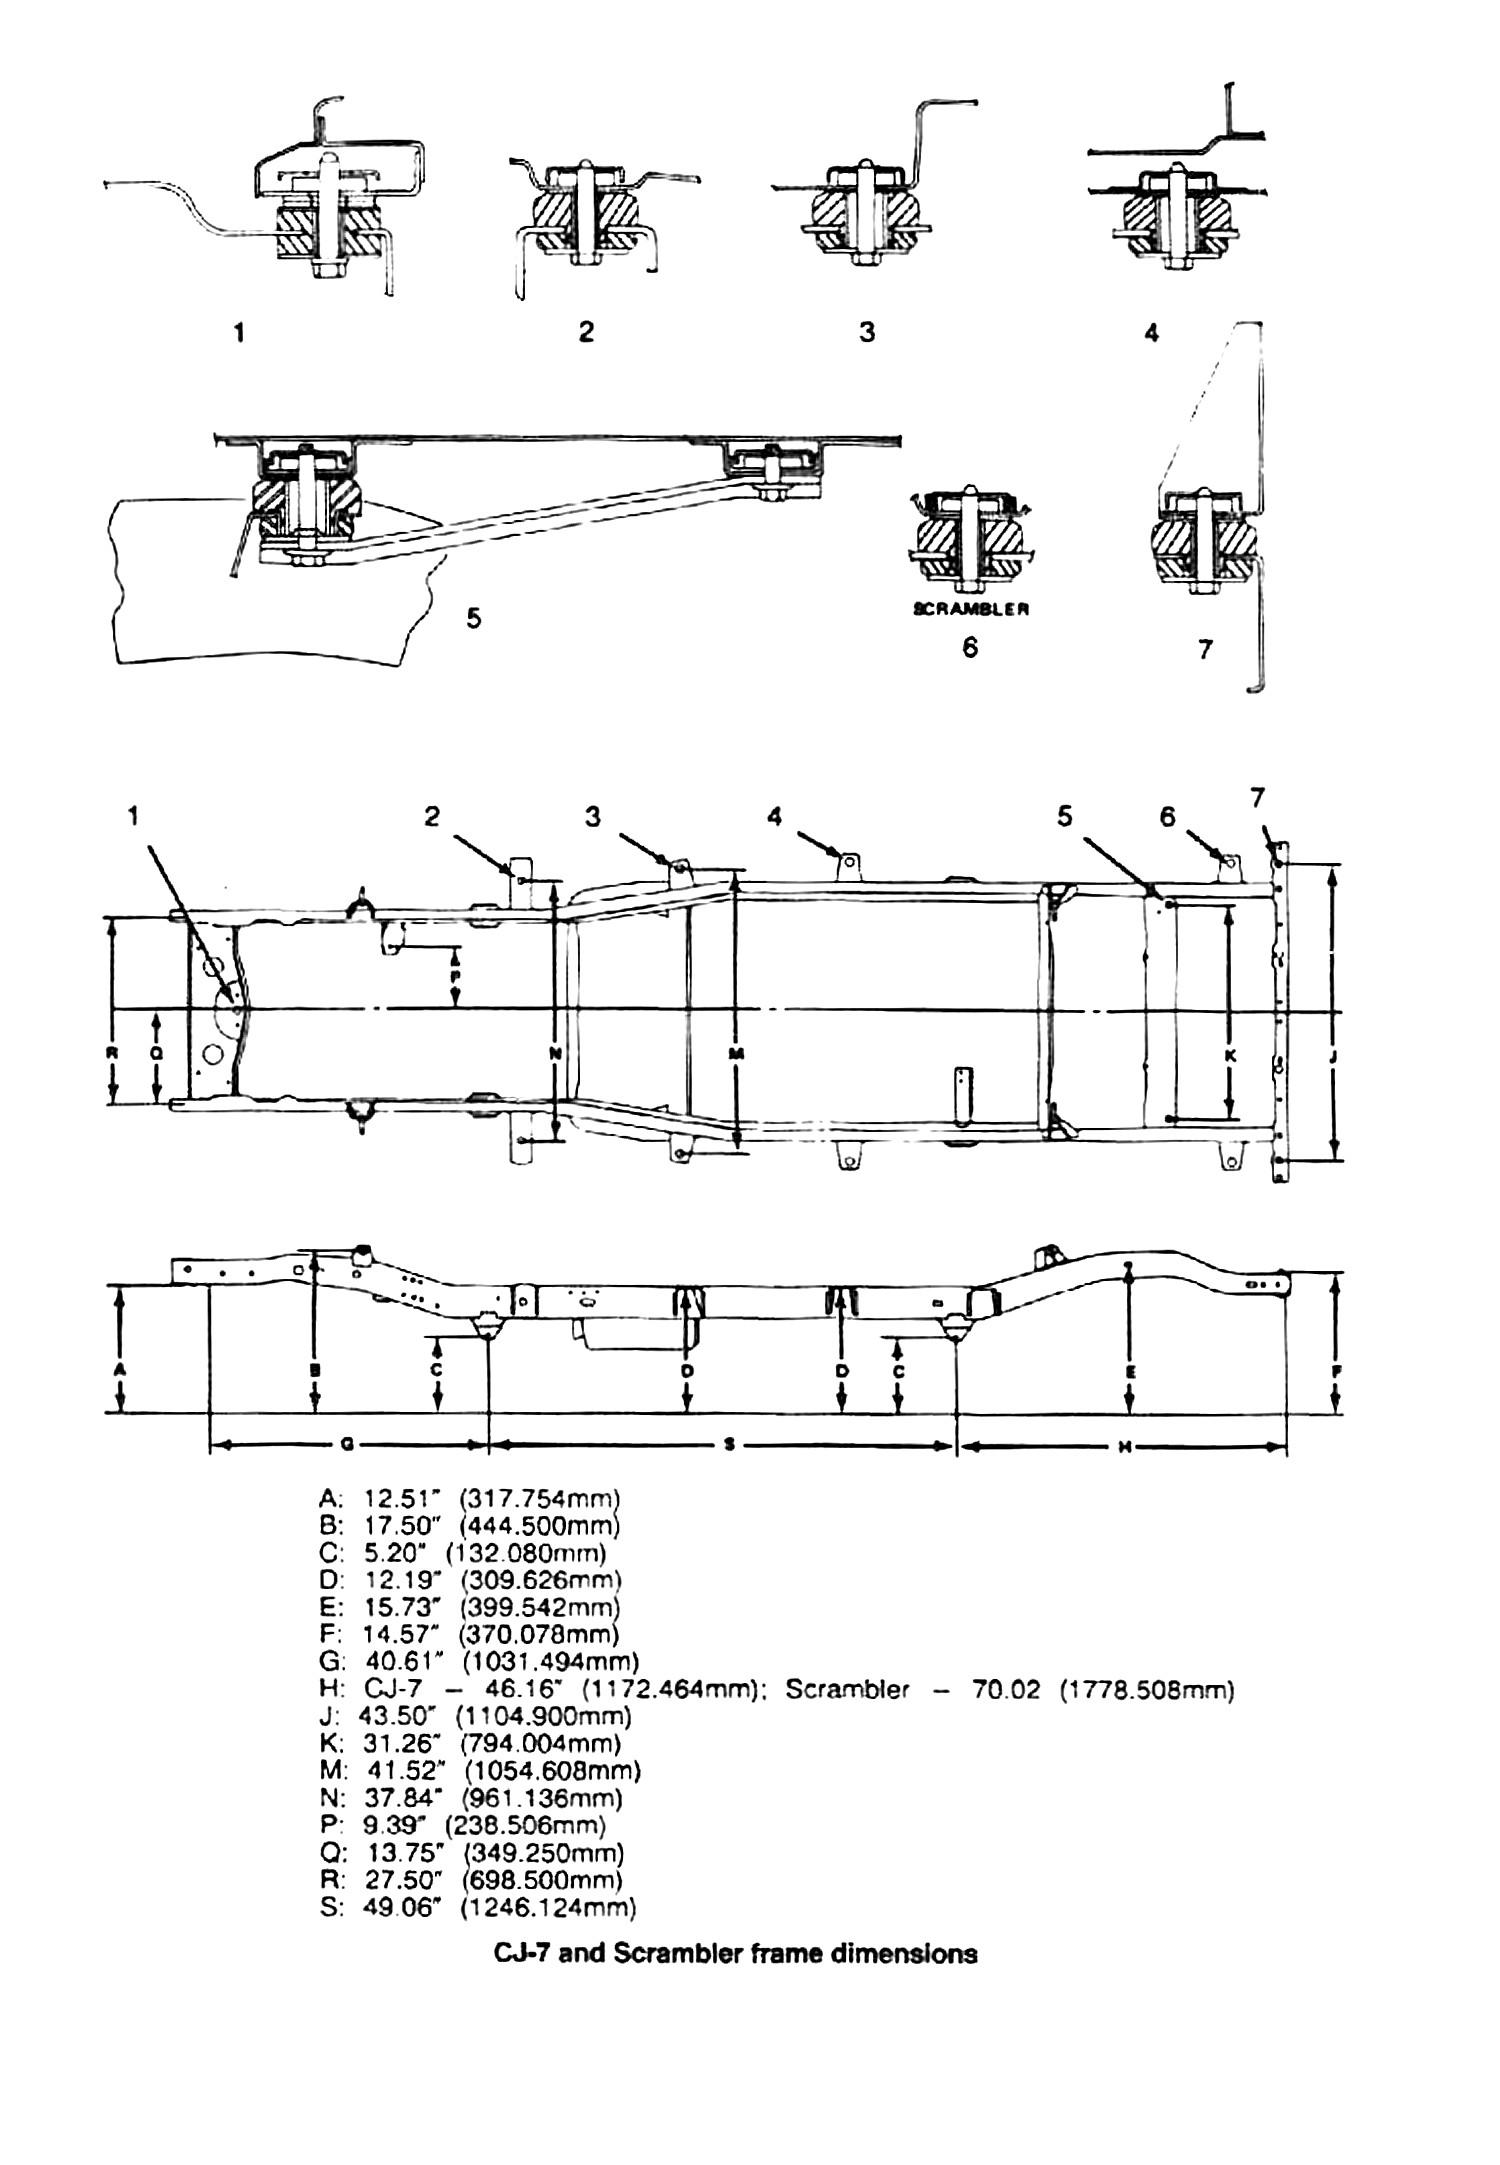 Desenho Esquematico Com Medidas Do Chassi Do Cj 7